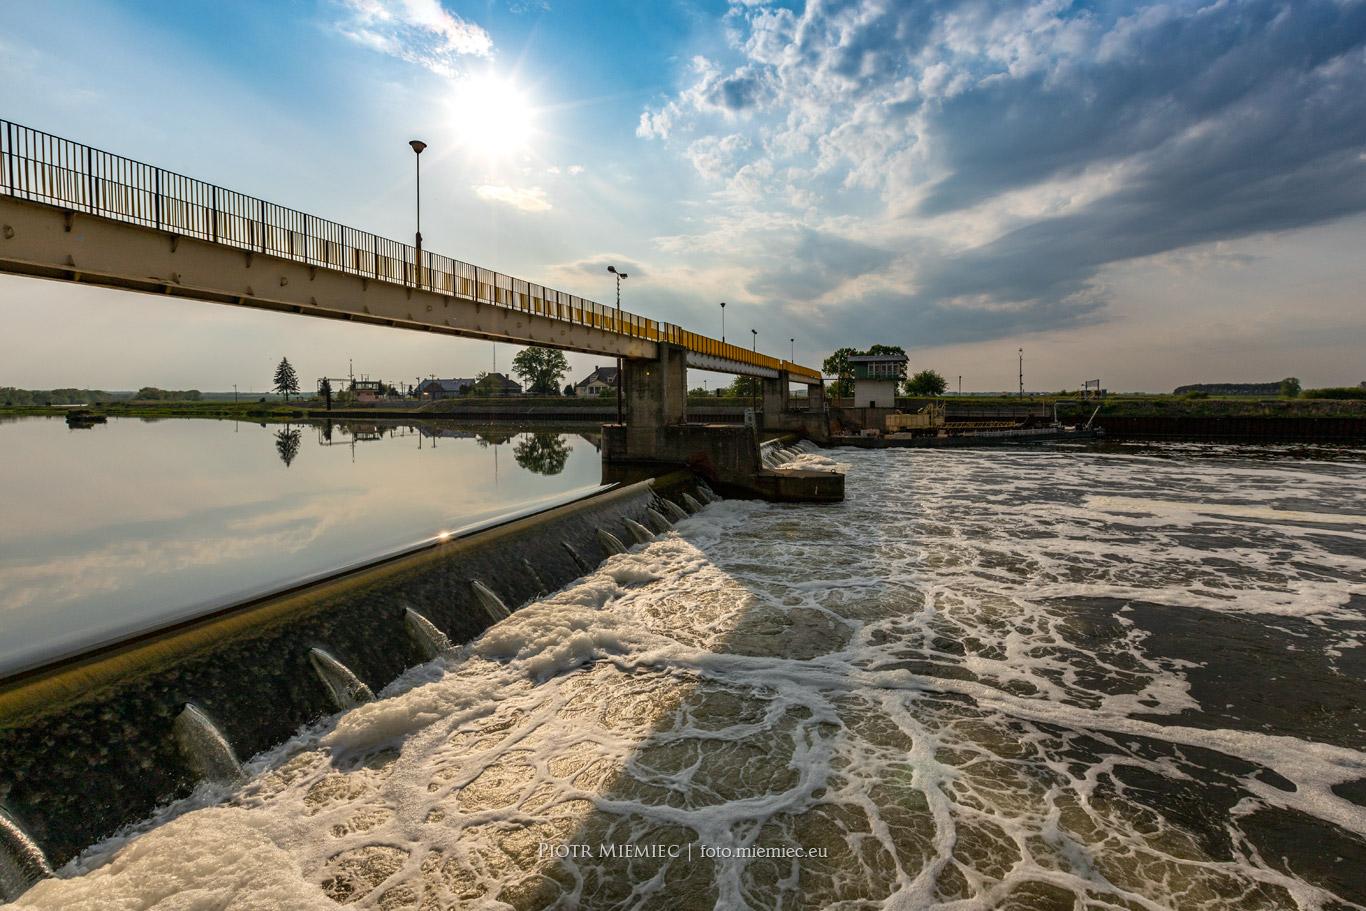 Jaz na rzece Odrze w Kątach Opolskich